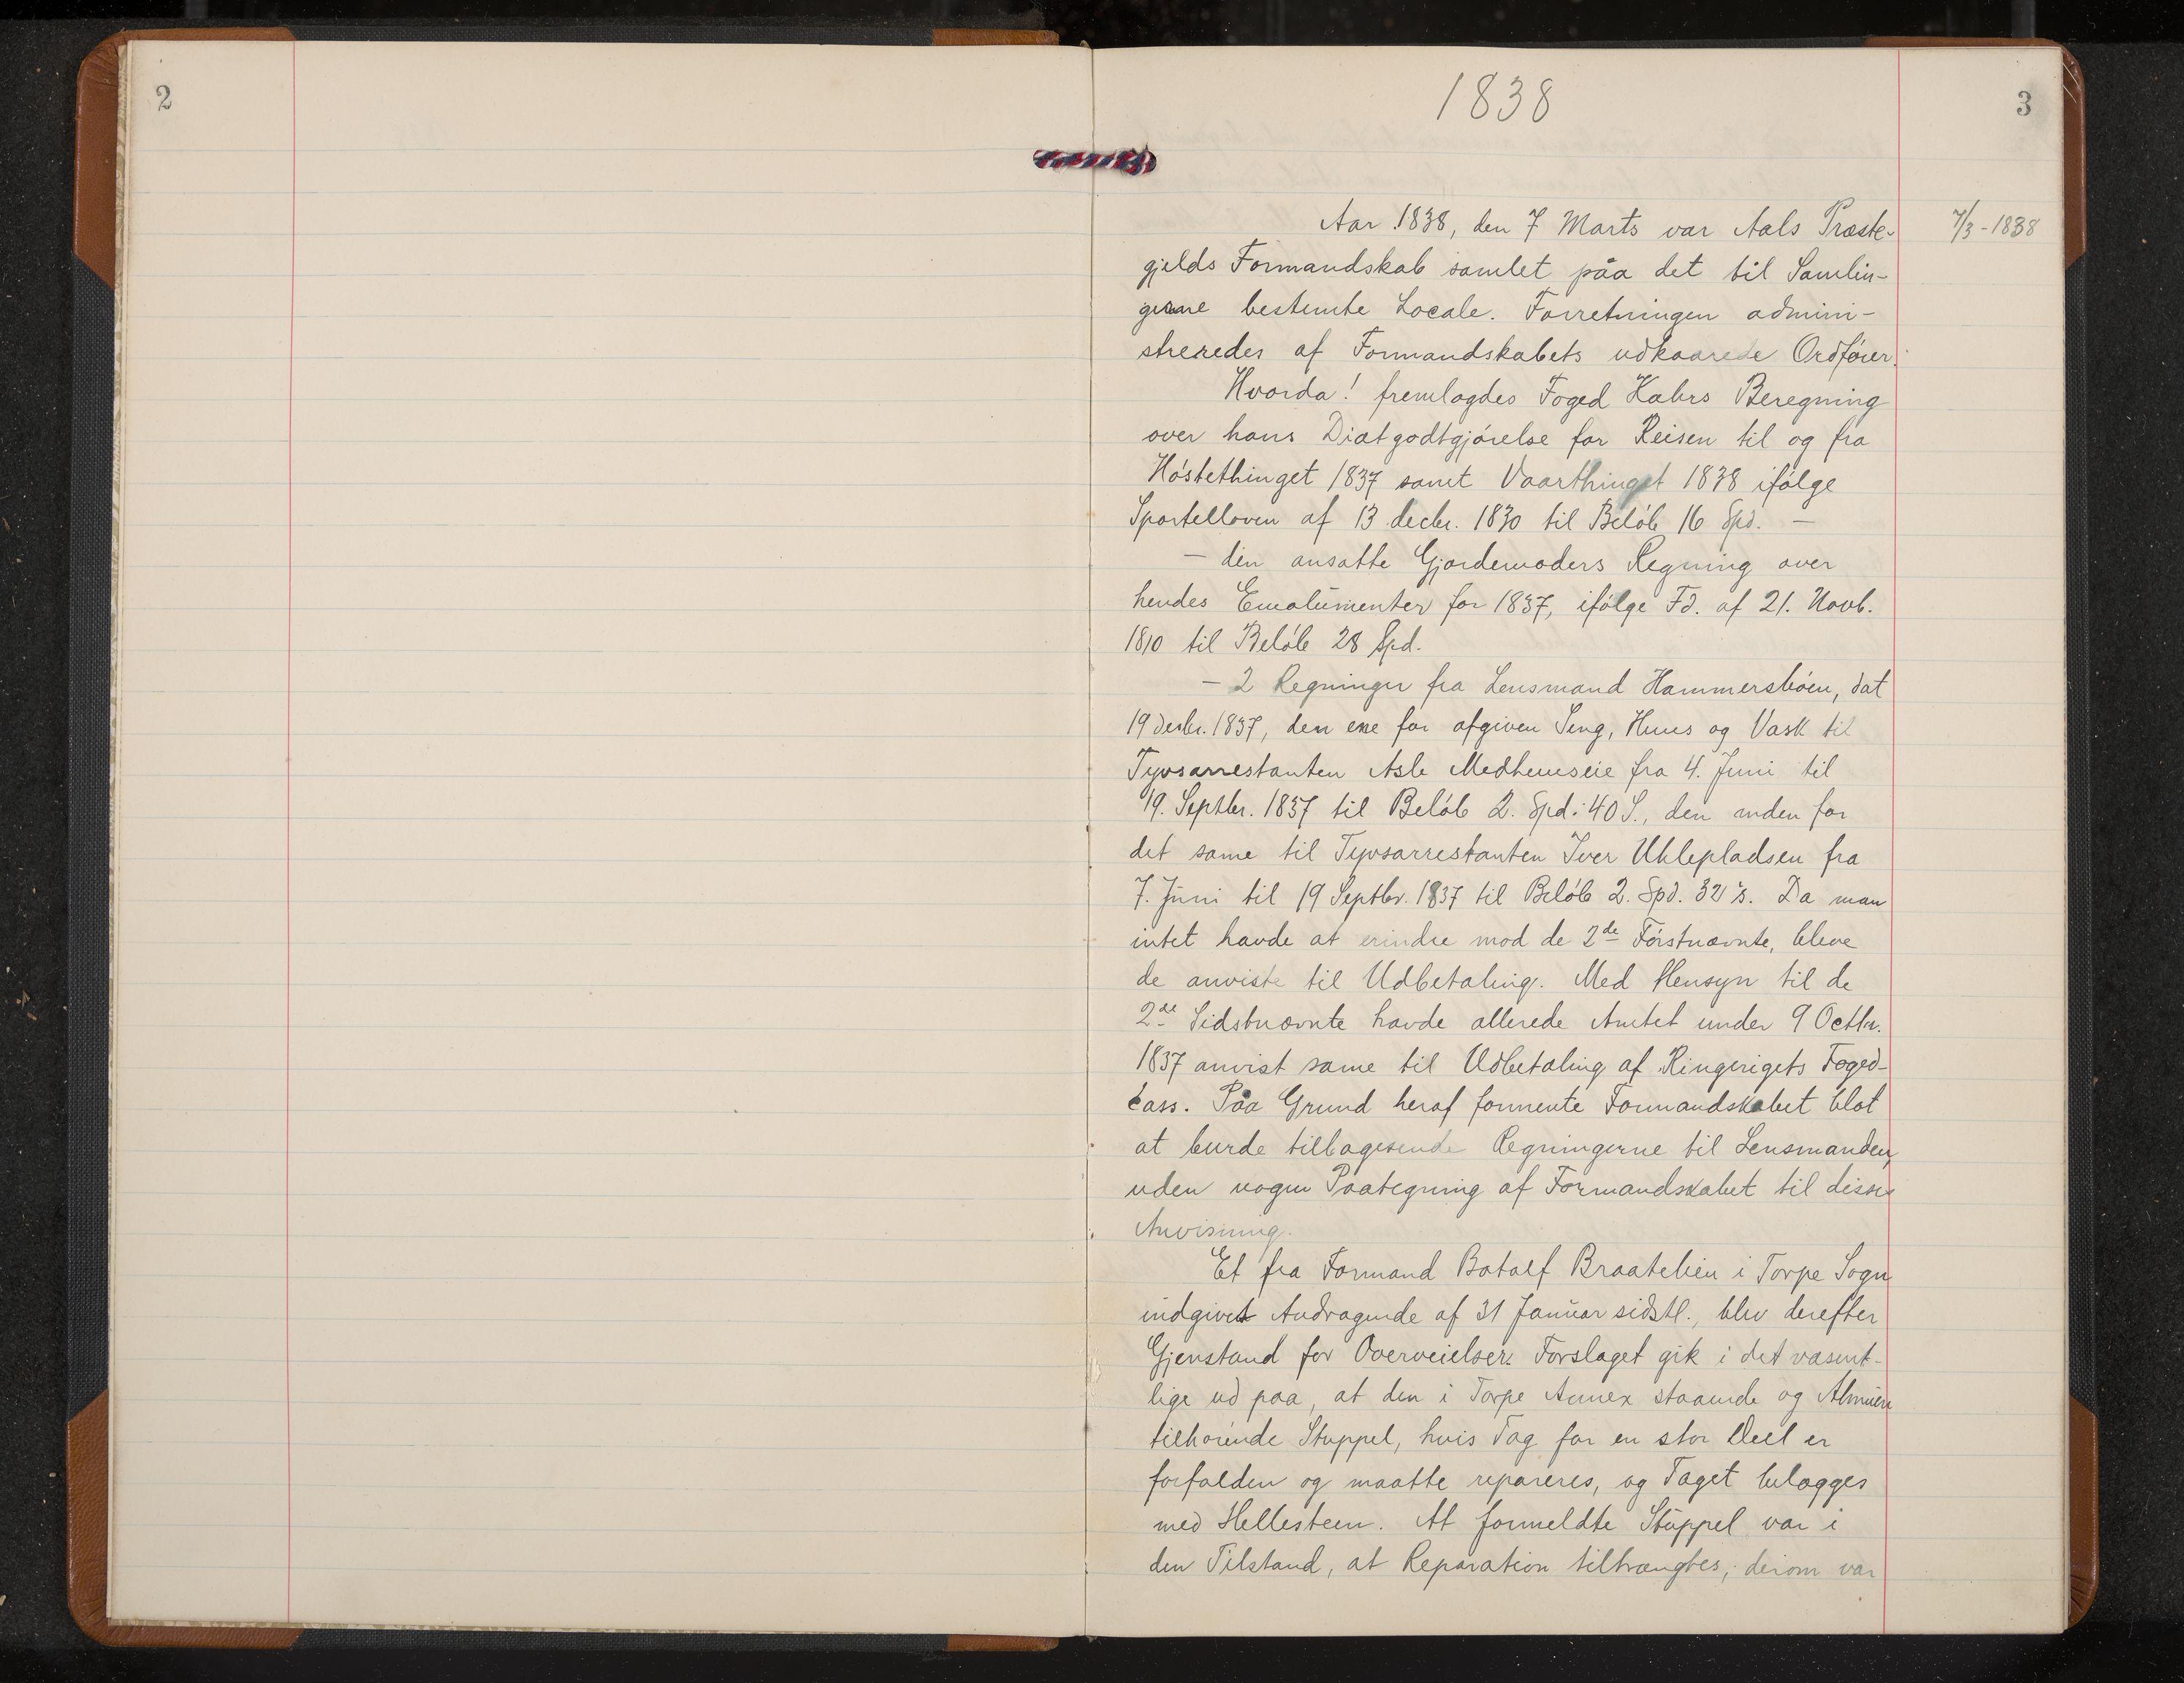 IKAK, Ål formannskap, A/Aa/L0001: Utskrift av møtebok, 1838-1845, s. 2-3